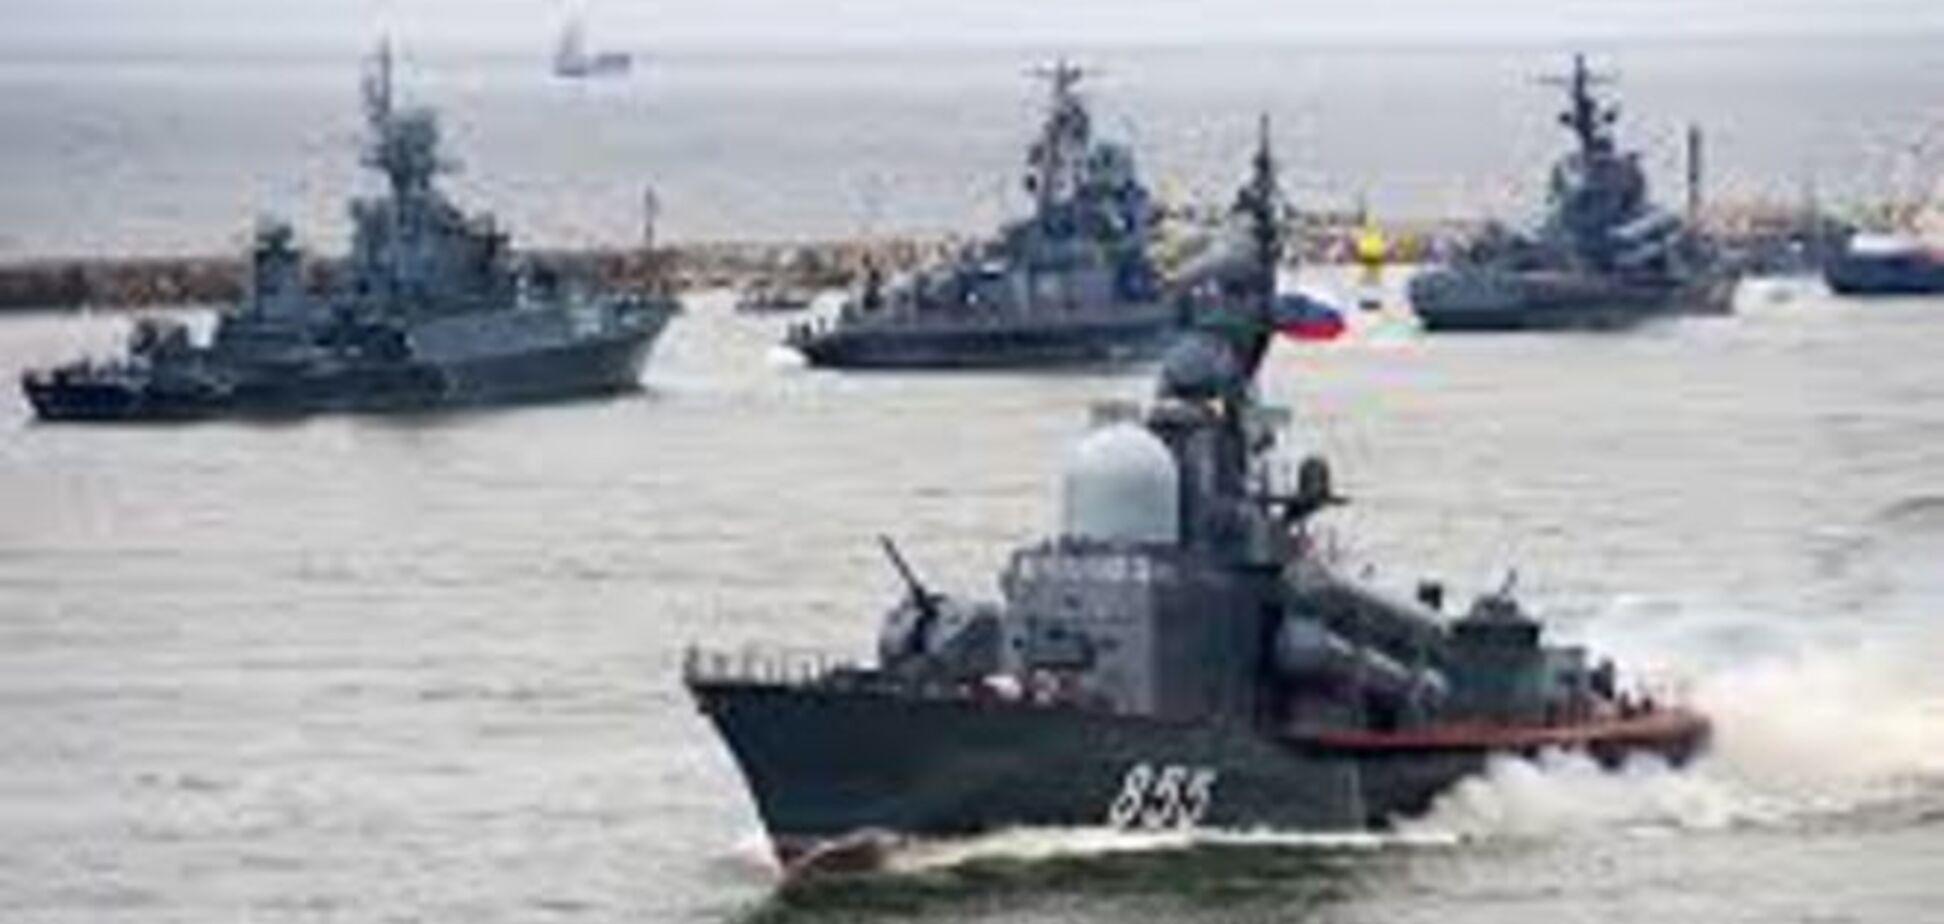 Военные корабли России готовы к артиллерийскому бою в Черном море